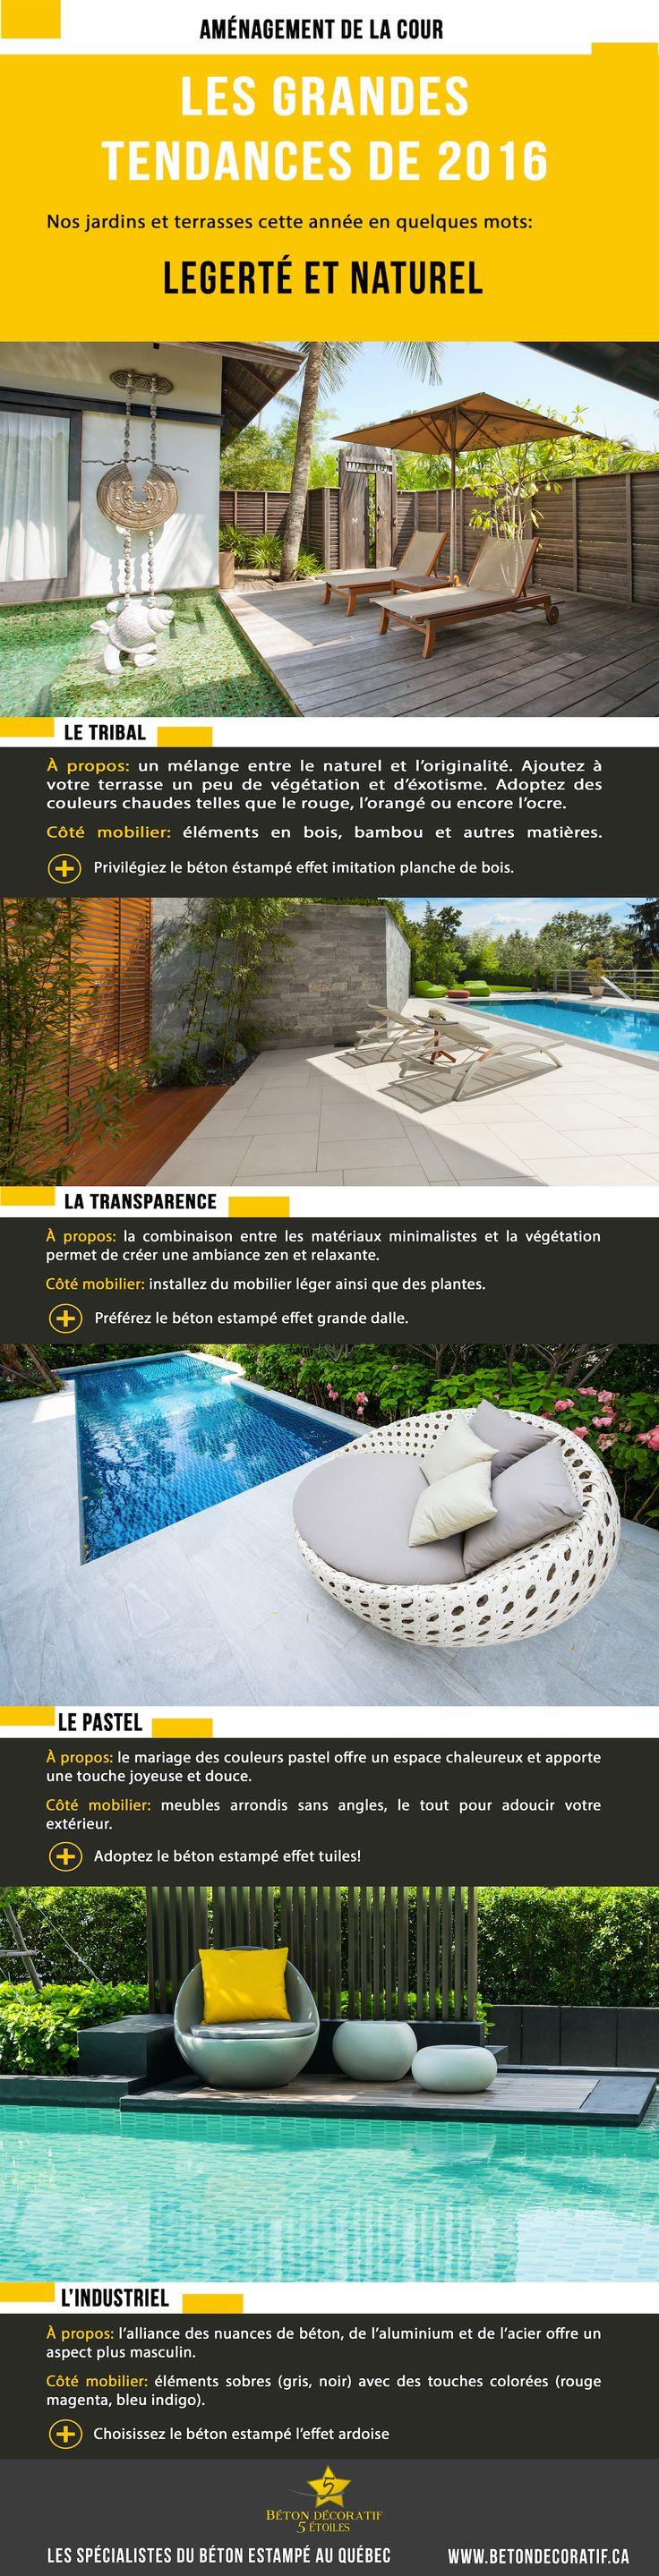 #Infographie: Aménagement de la cour Ne ratez pas les tendances des terrasses et jardins pour l'année 2016!  Du mobilier tribal ou industriel, voici quelques idées pour votre cour arrière.